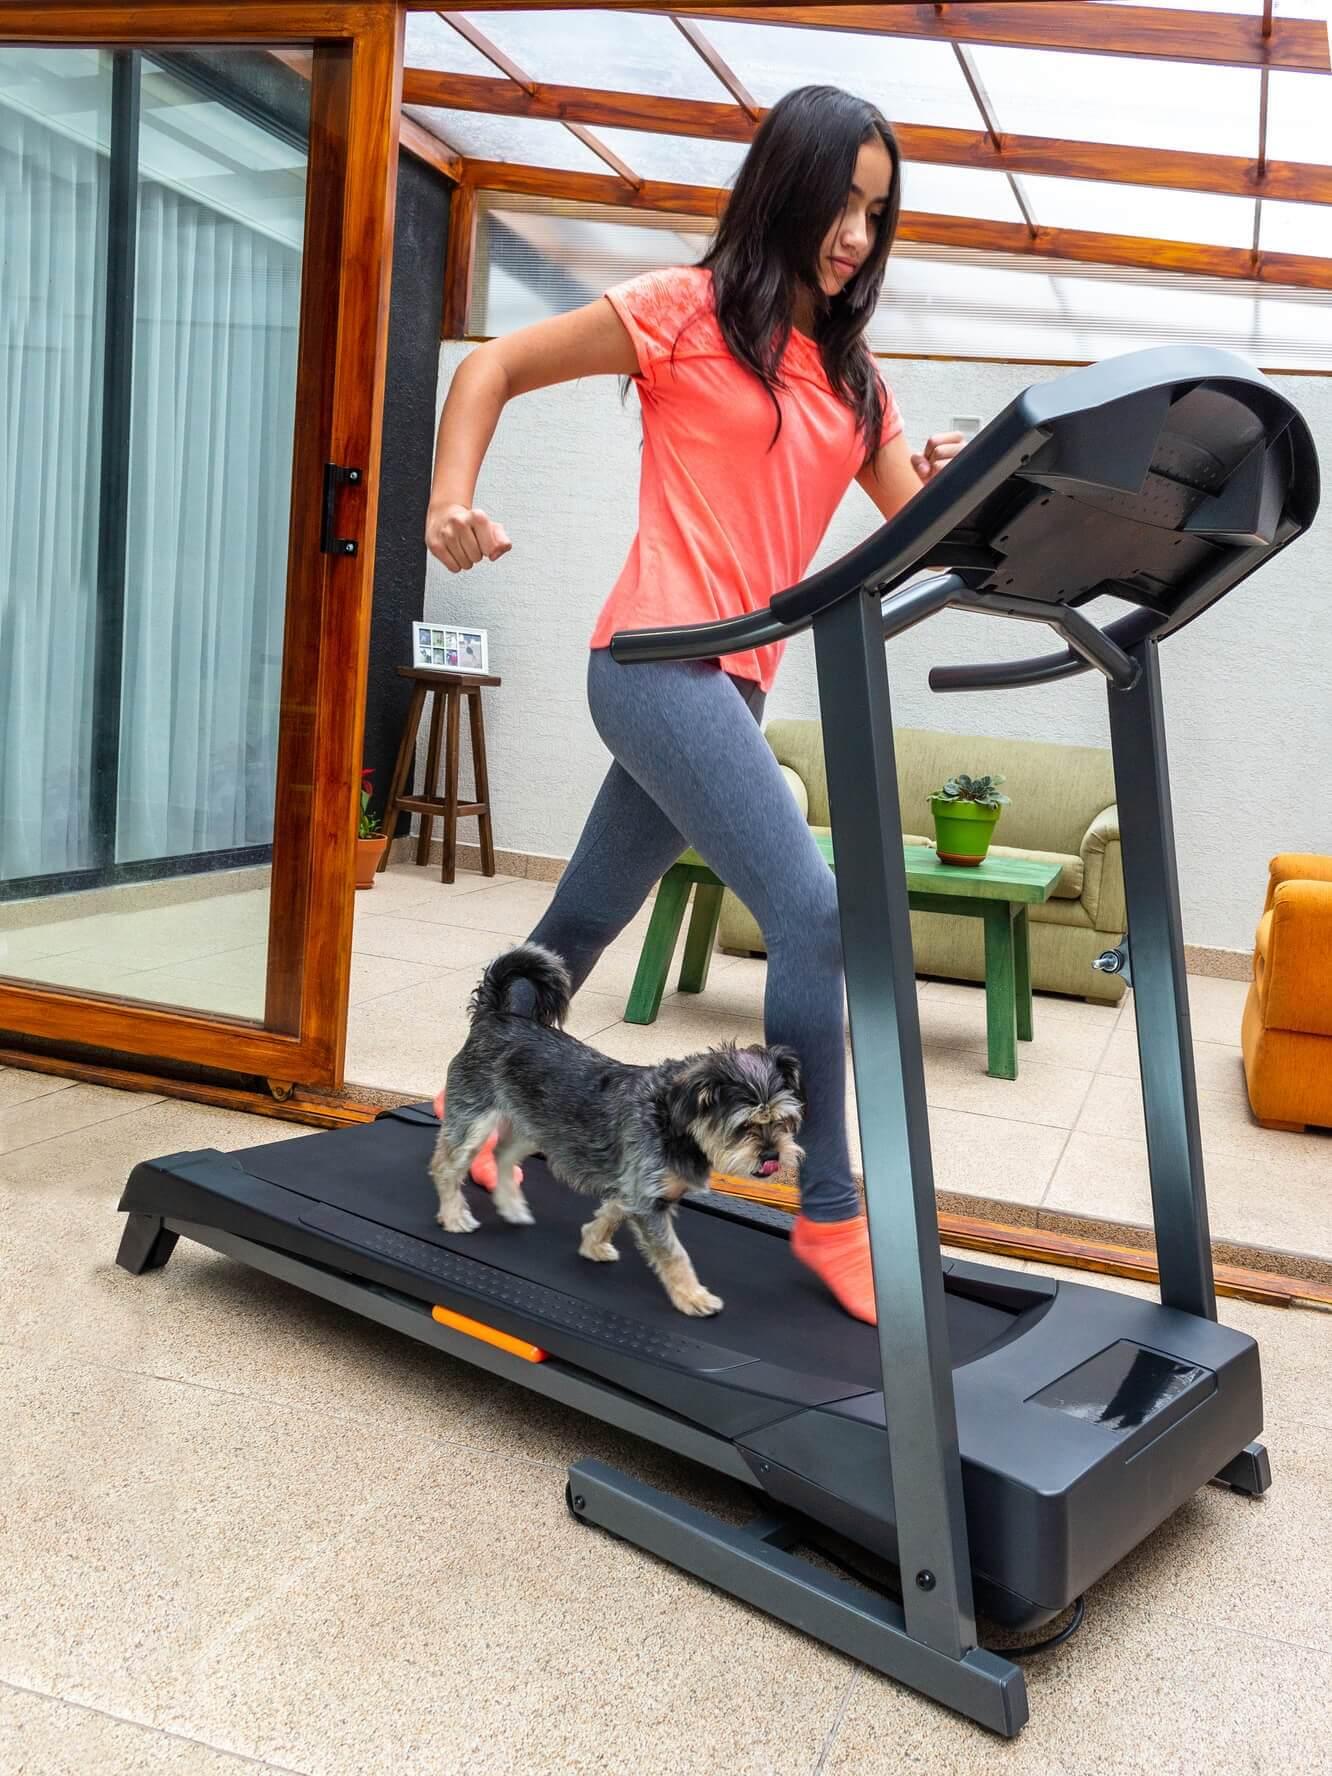 girl and dog on human treadmill.